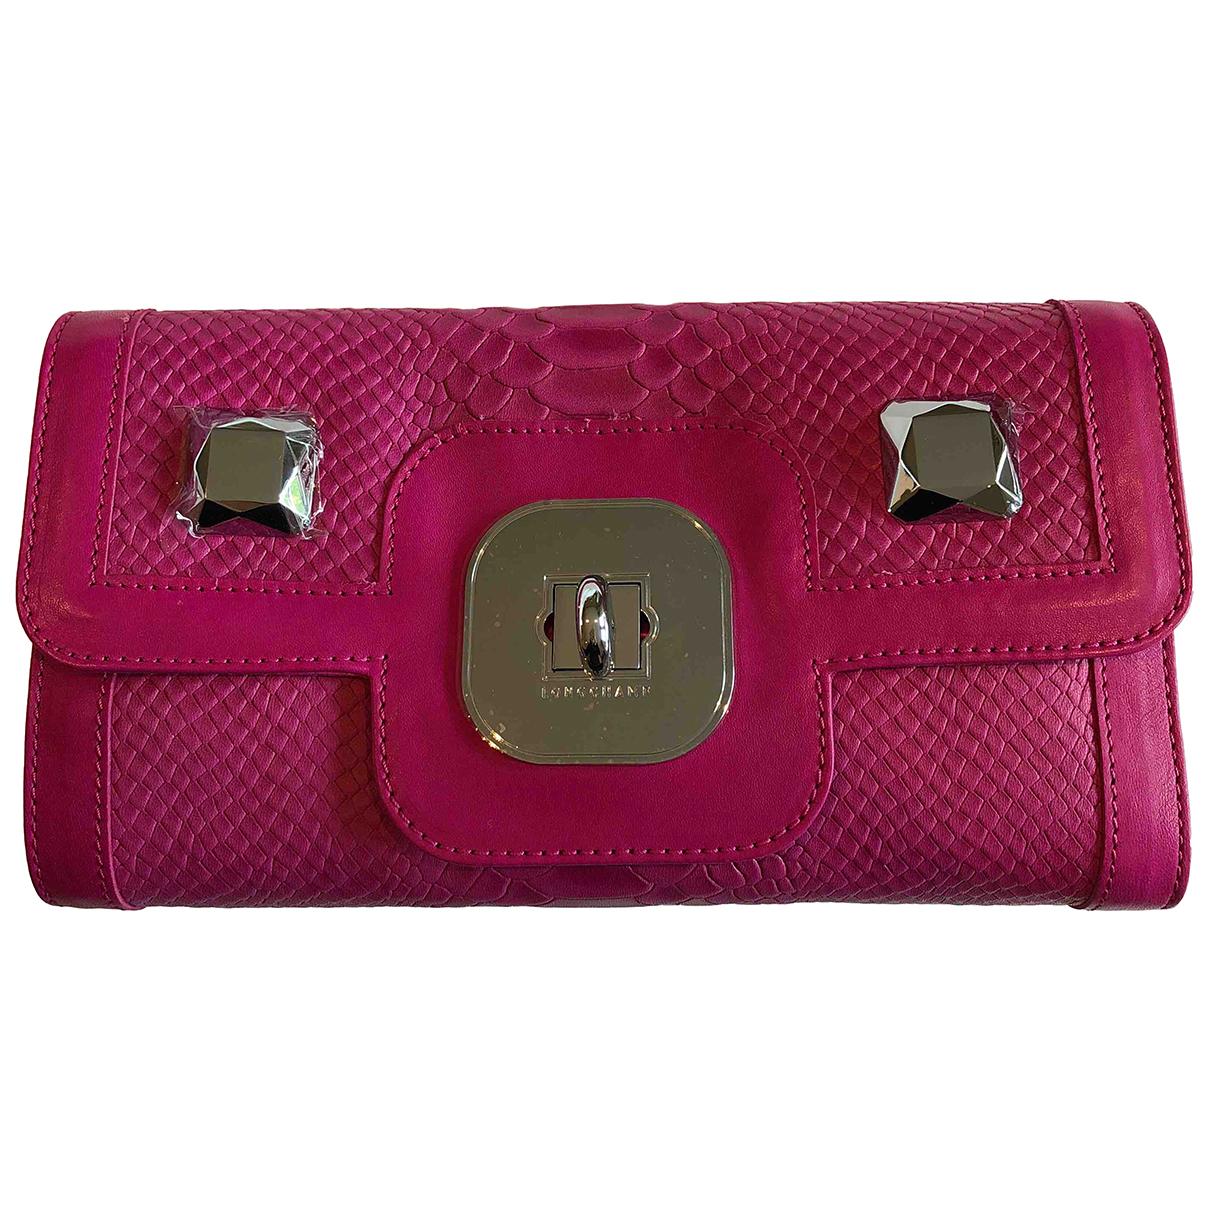 Longchamp \N Clutch in  Rosa Leder